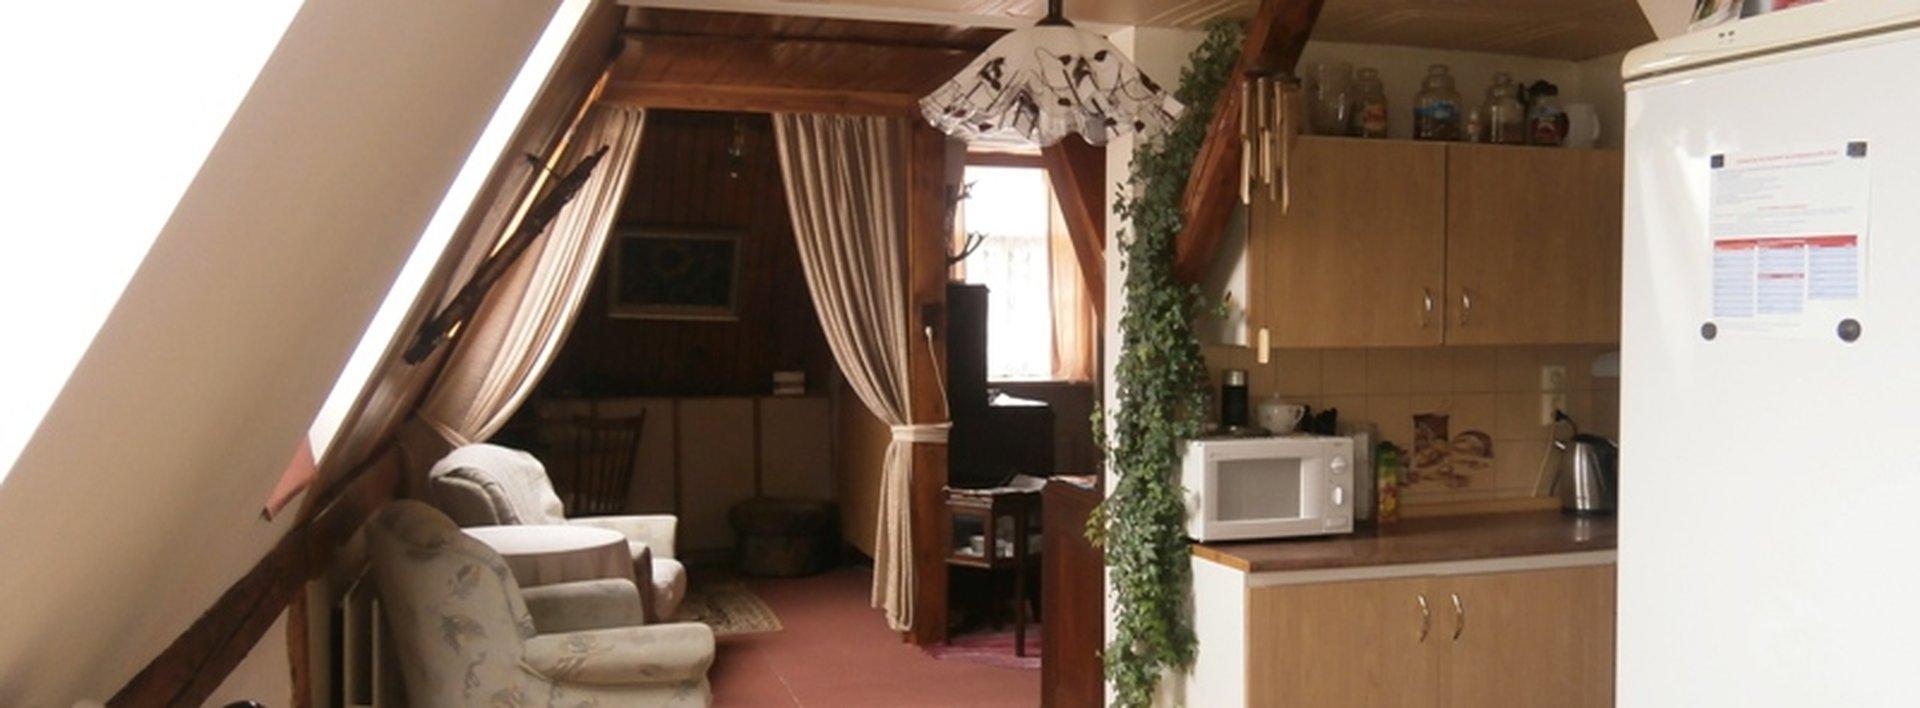 Atraktivní podkrovní byt 2+kk, 69m2, klidná lokalita v JBC, Ev.č.: N46195